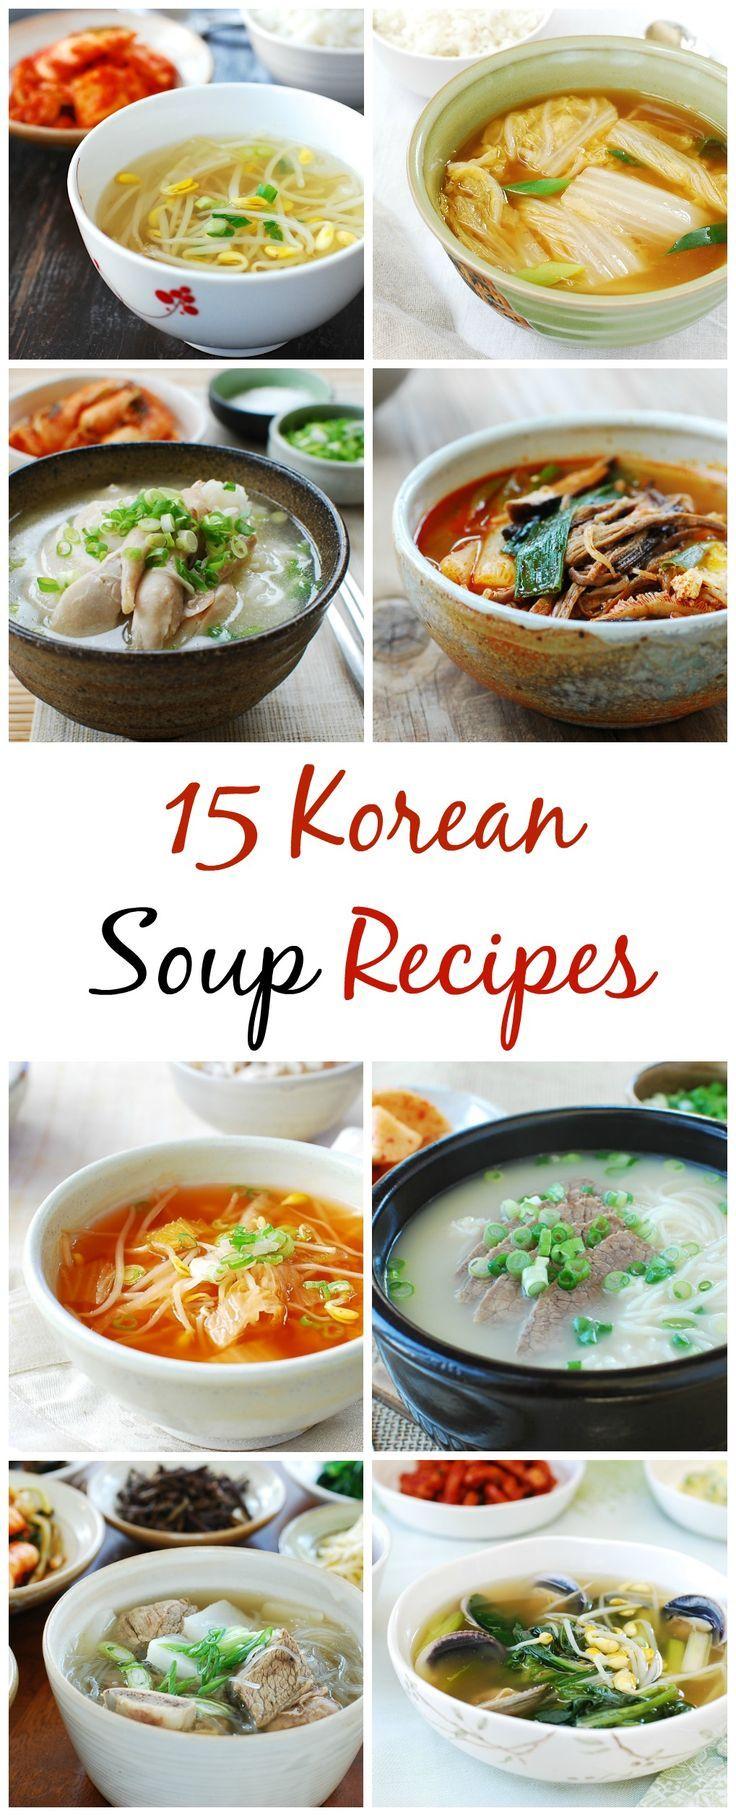 15 Korean Soup Recipes – Korean Bapsang